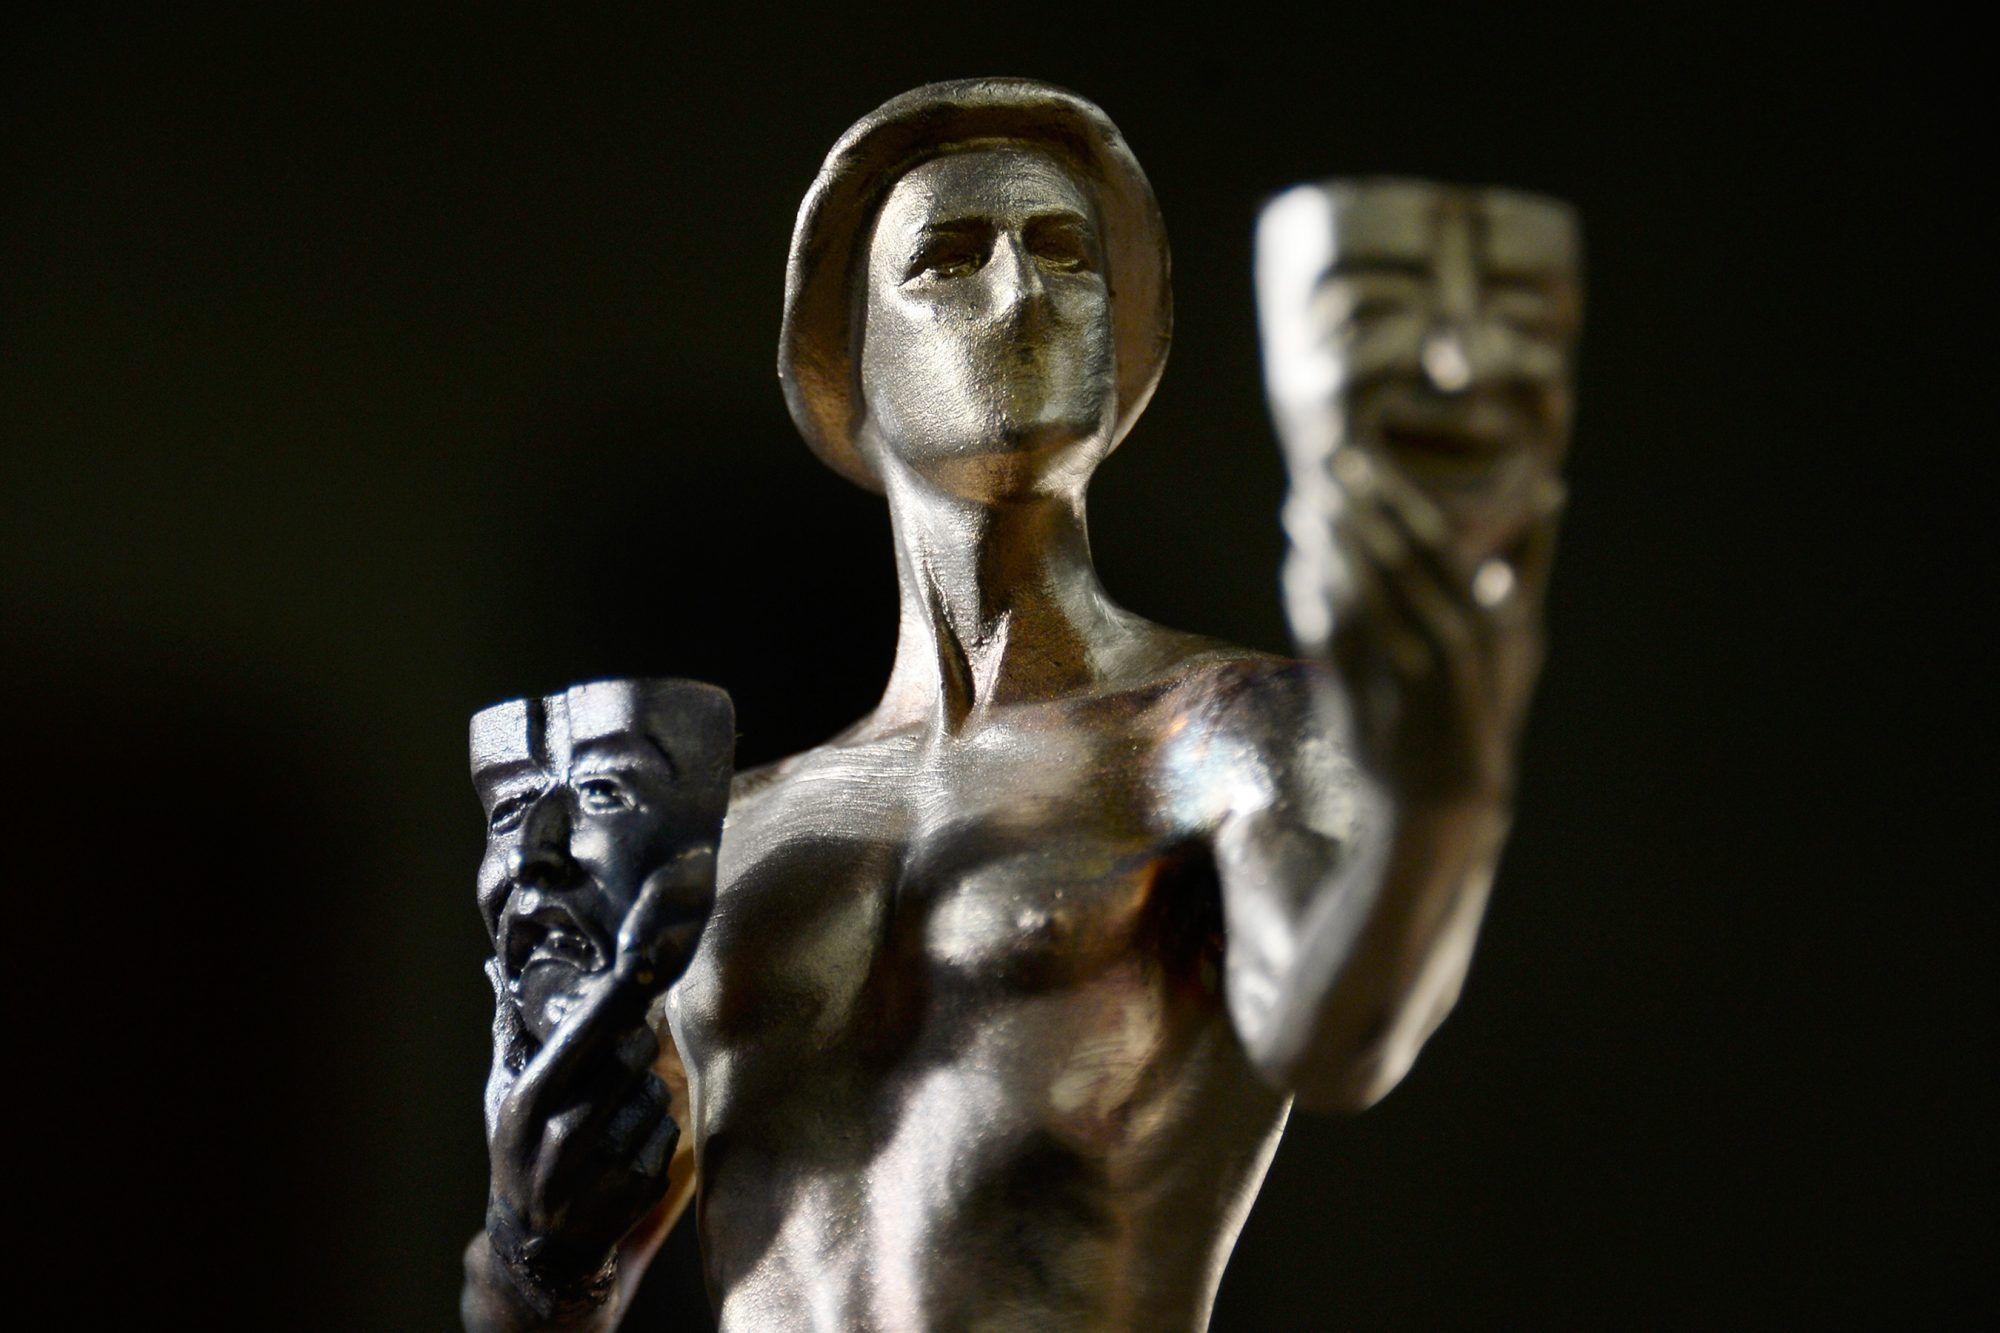 Screen-Actors-Guild-Awards-2